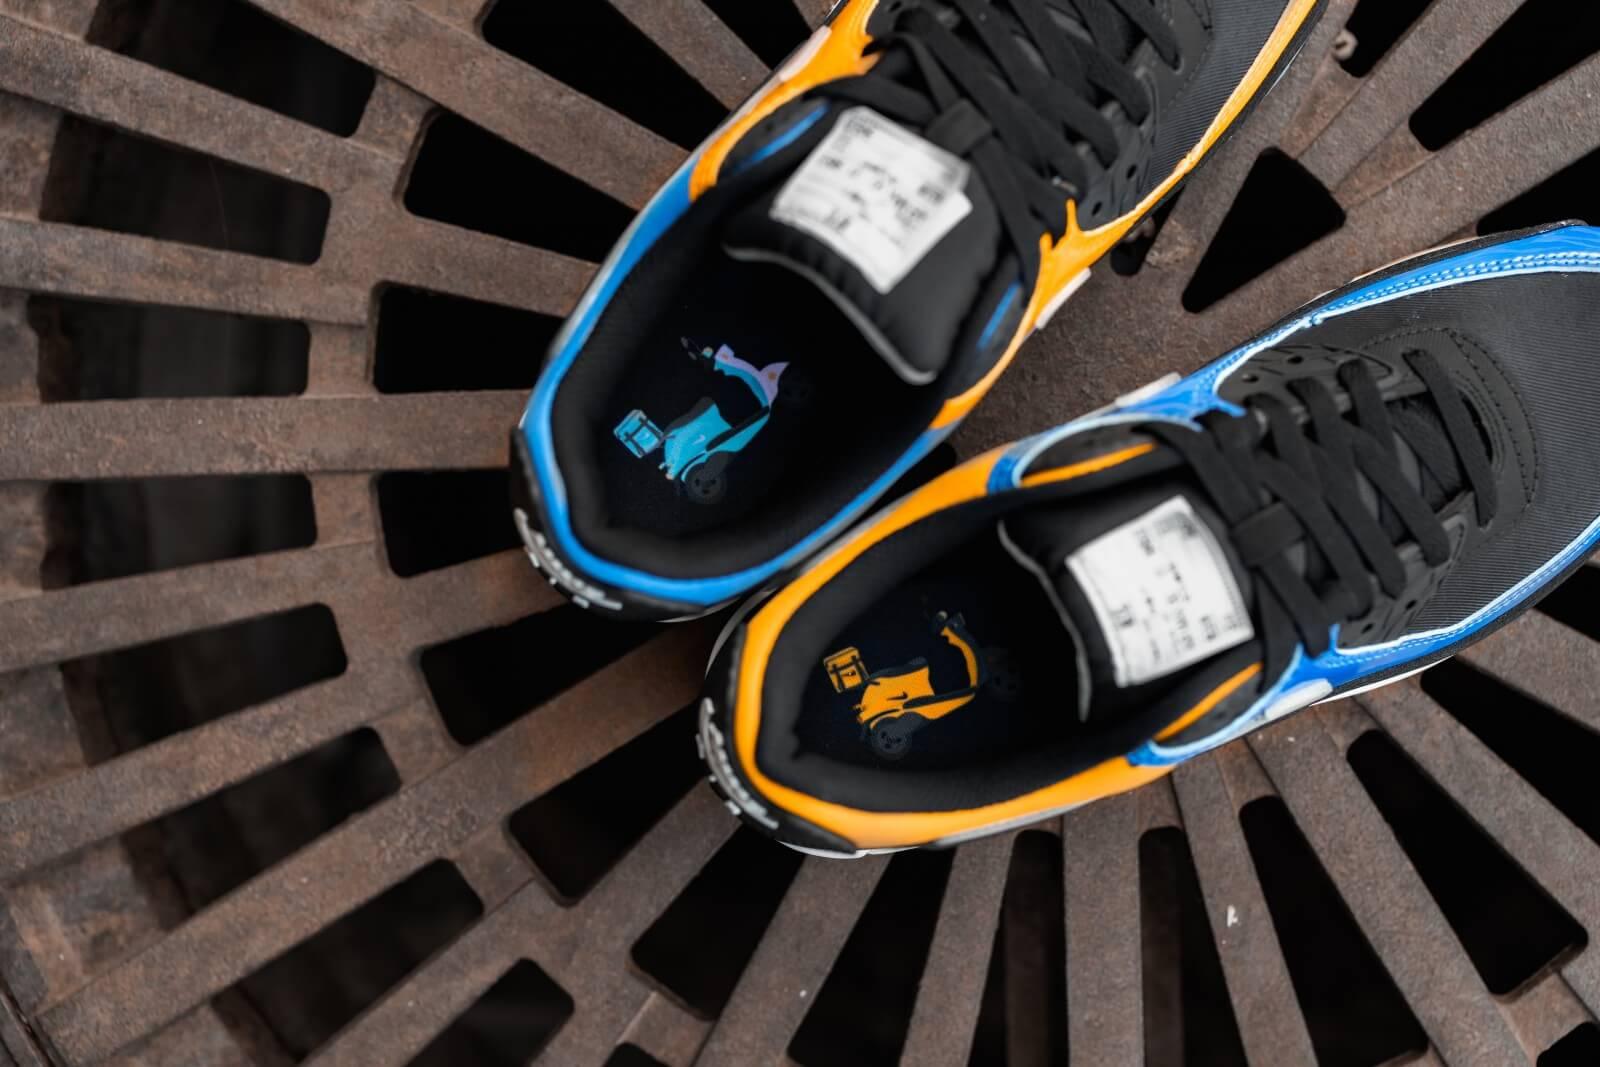 Nike Air Max 90 Premium City Pack Shanghai BlackMetallic Silver Pacific Blue CT9140 001